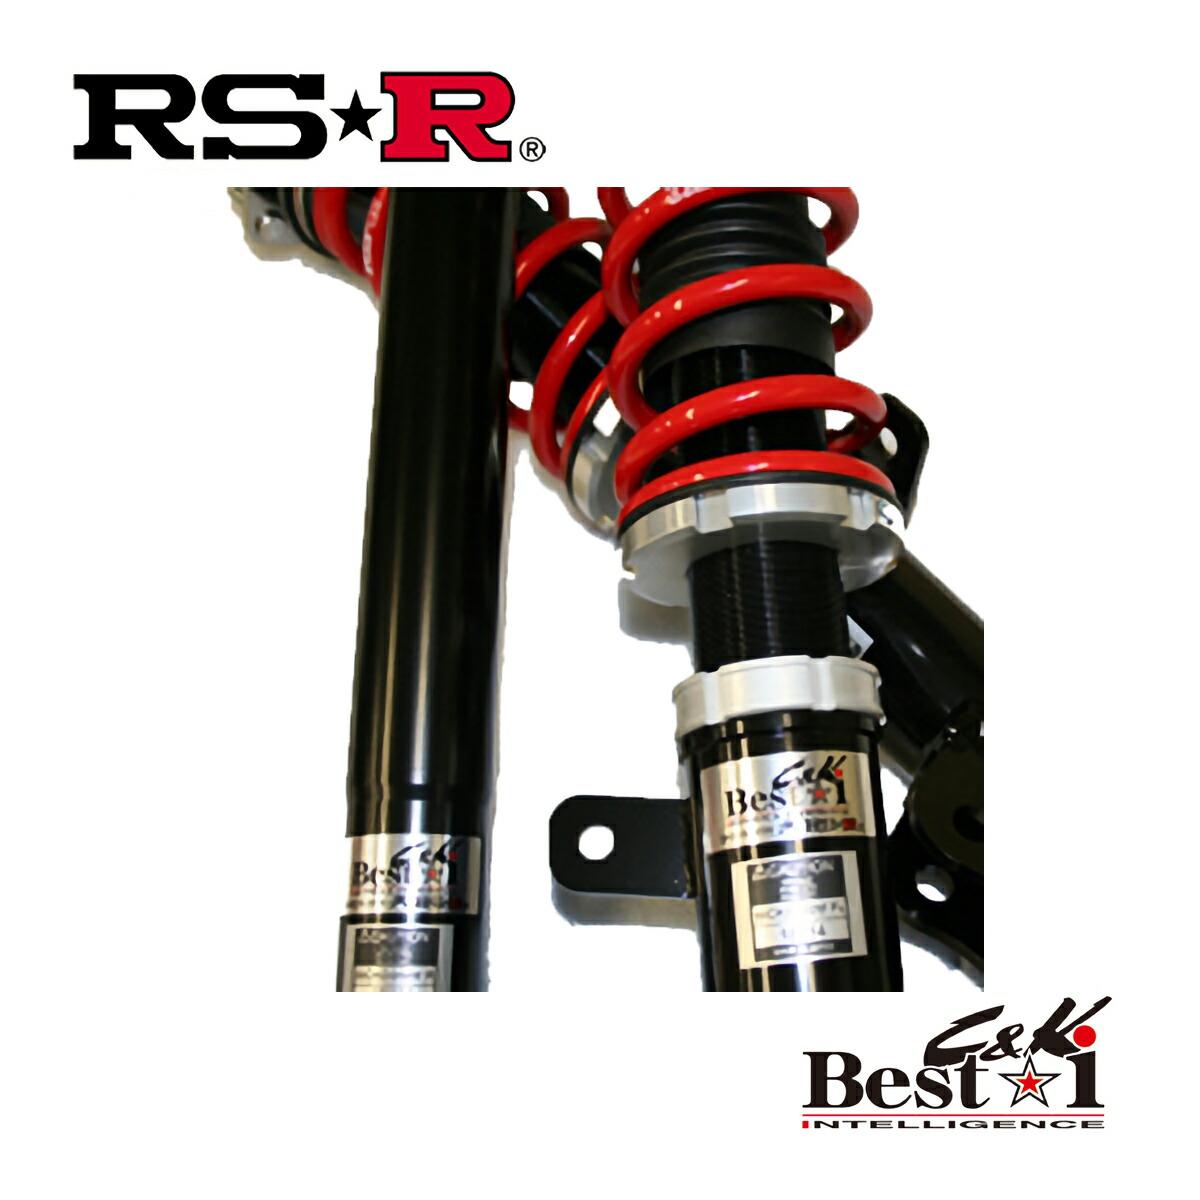 RS-R N-WGN G(スタビライザー無し車) JH1 車高調 リア車高調整:ネジ式 BICKH410M ベストi C&K RSR 個人宅発送追金有